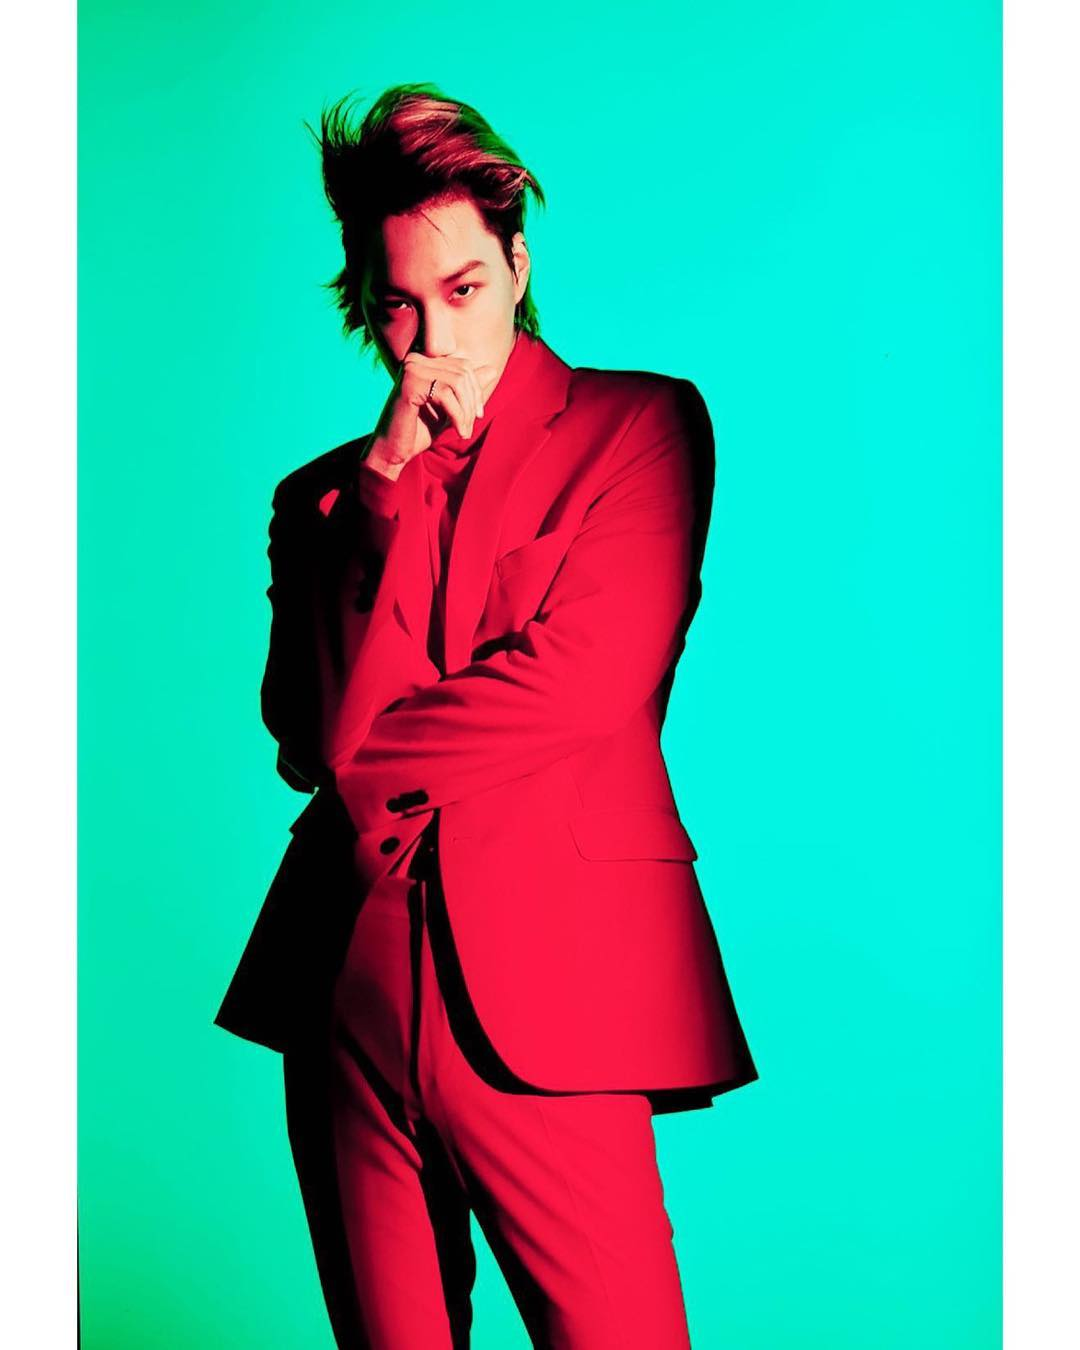 「 韩粉日记1月14日」:防弹少年团师弟团TXT第二位成员 SOOBIN 宣传照公开,JYP新女团即将推出!插图7